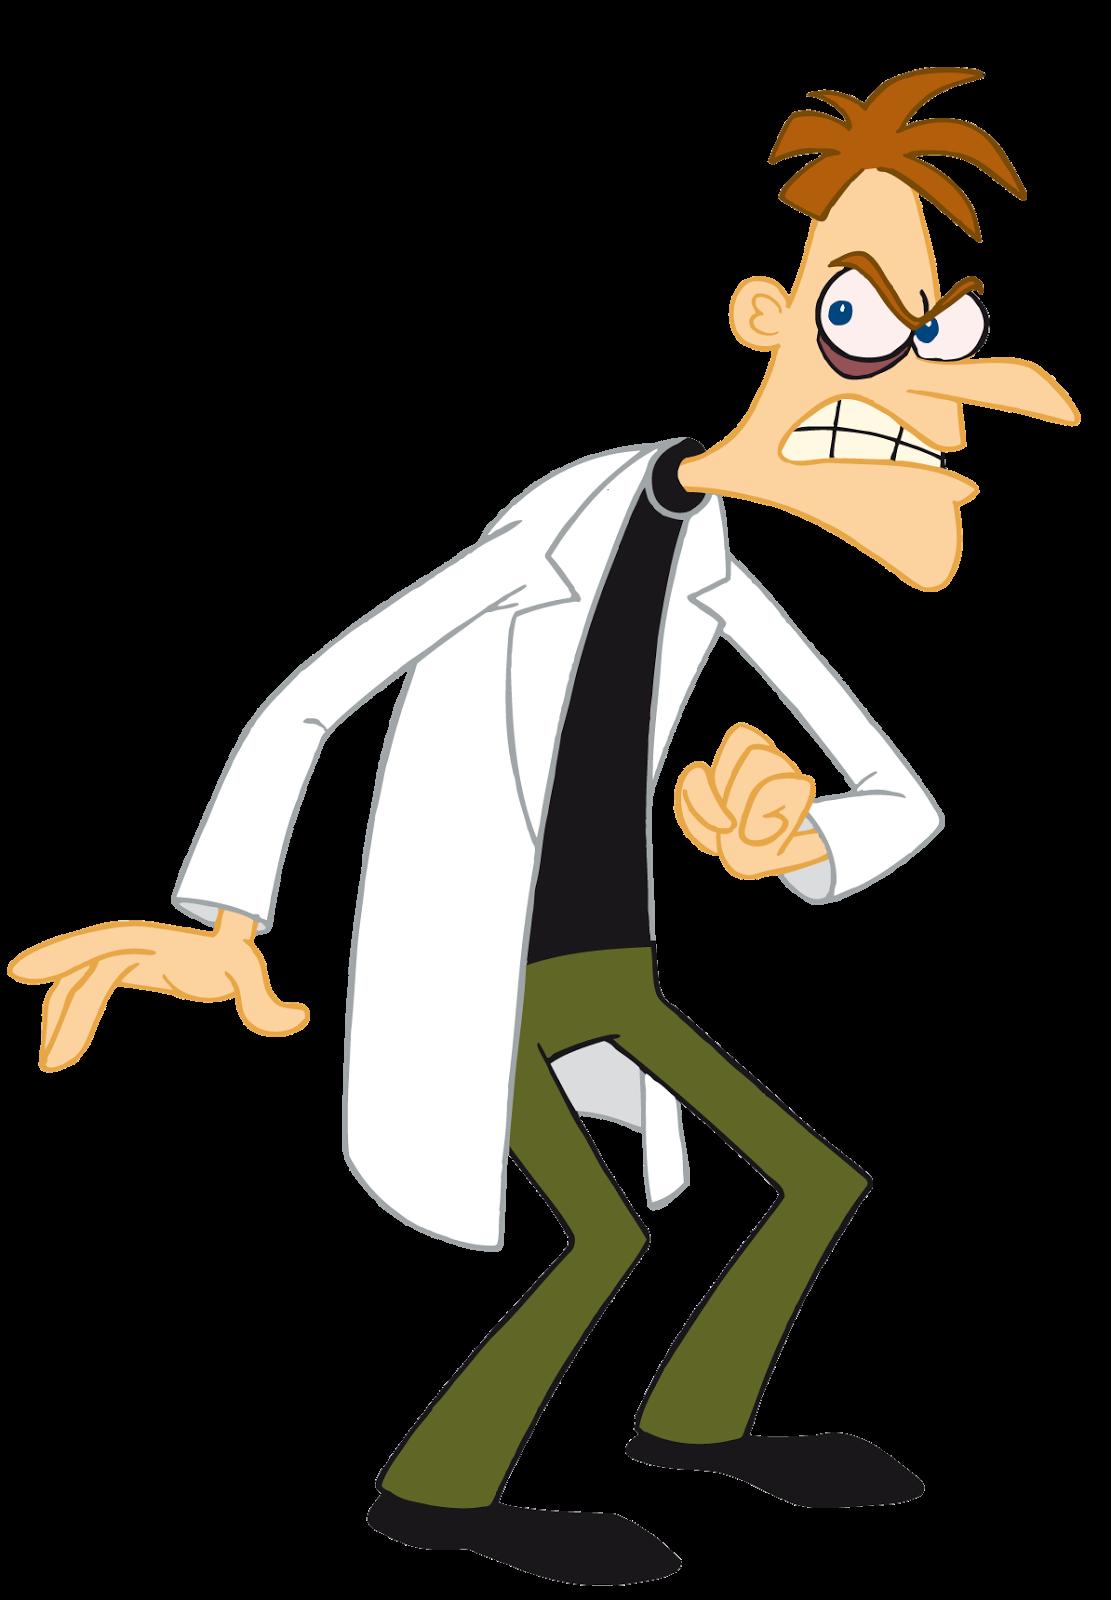 Cartoon Characters Phineas And Ferb Png Phineas E Ferb Desenho Animado Desenhos